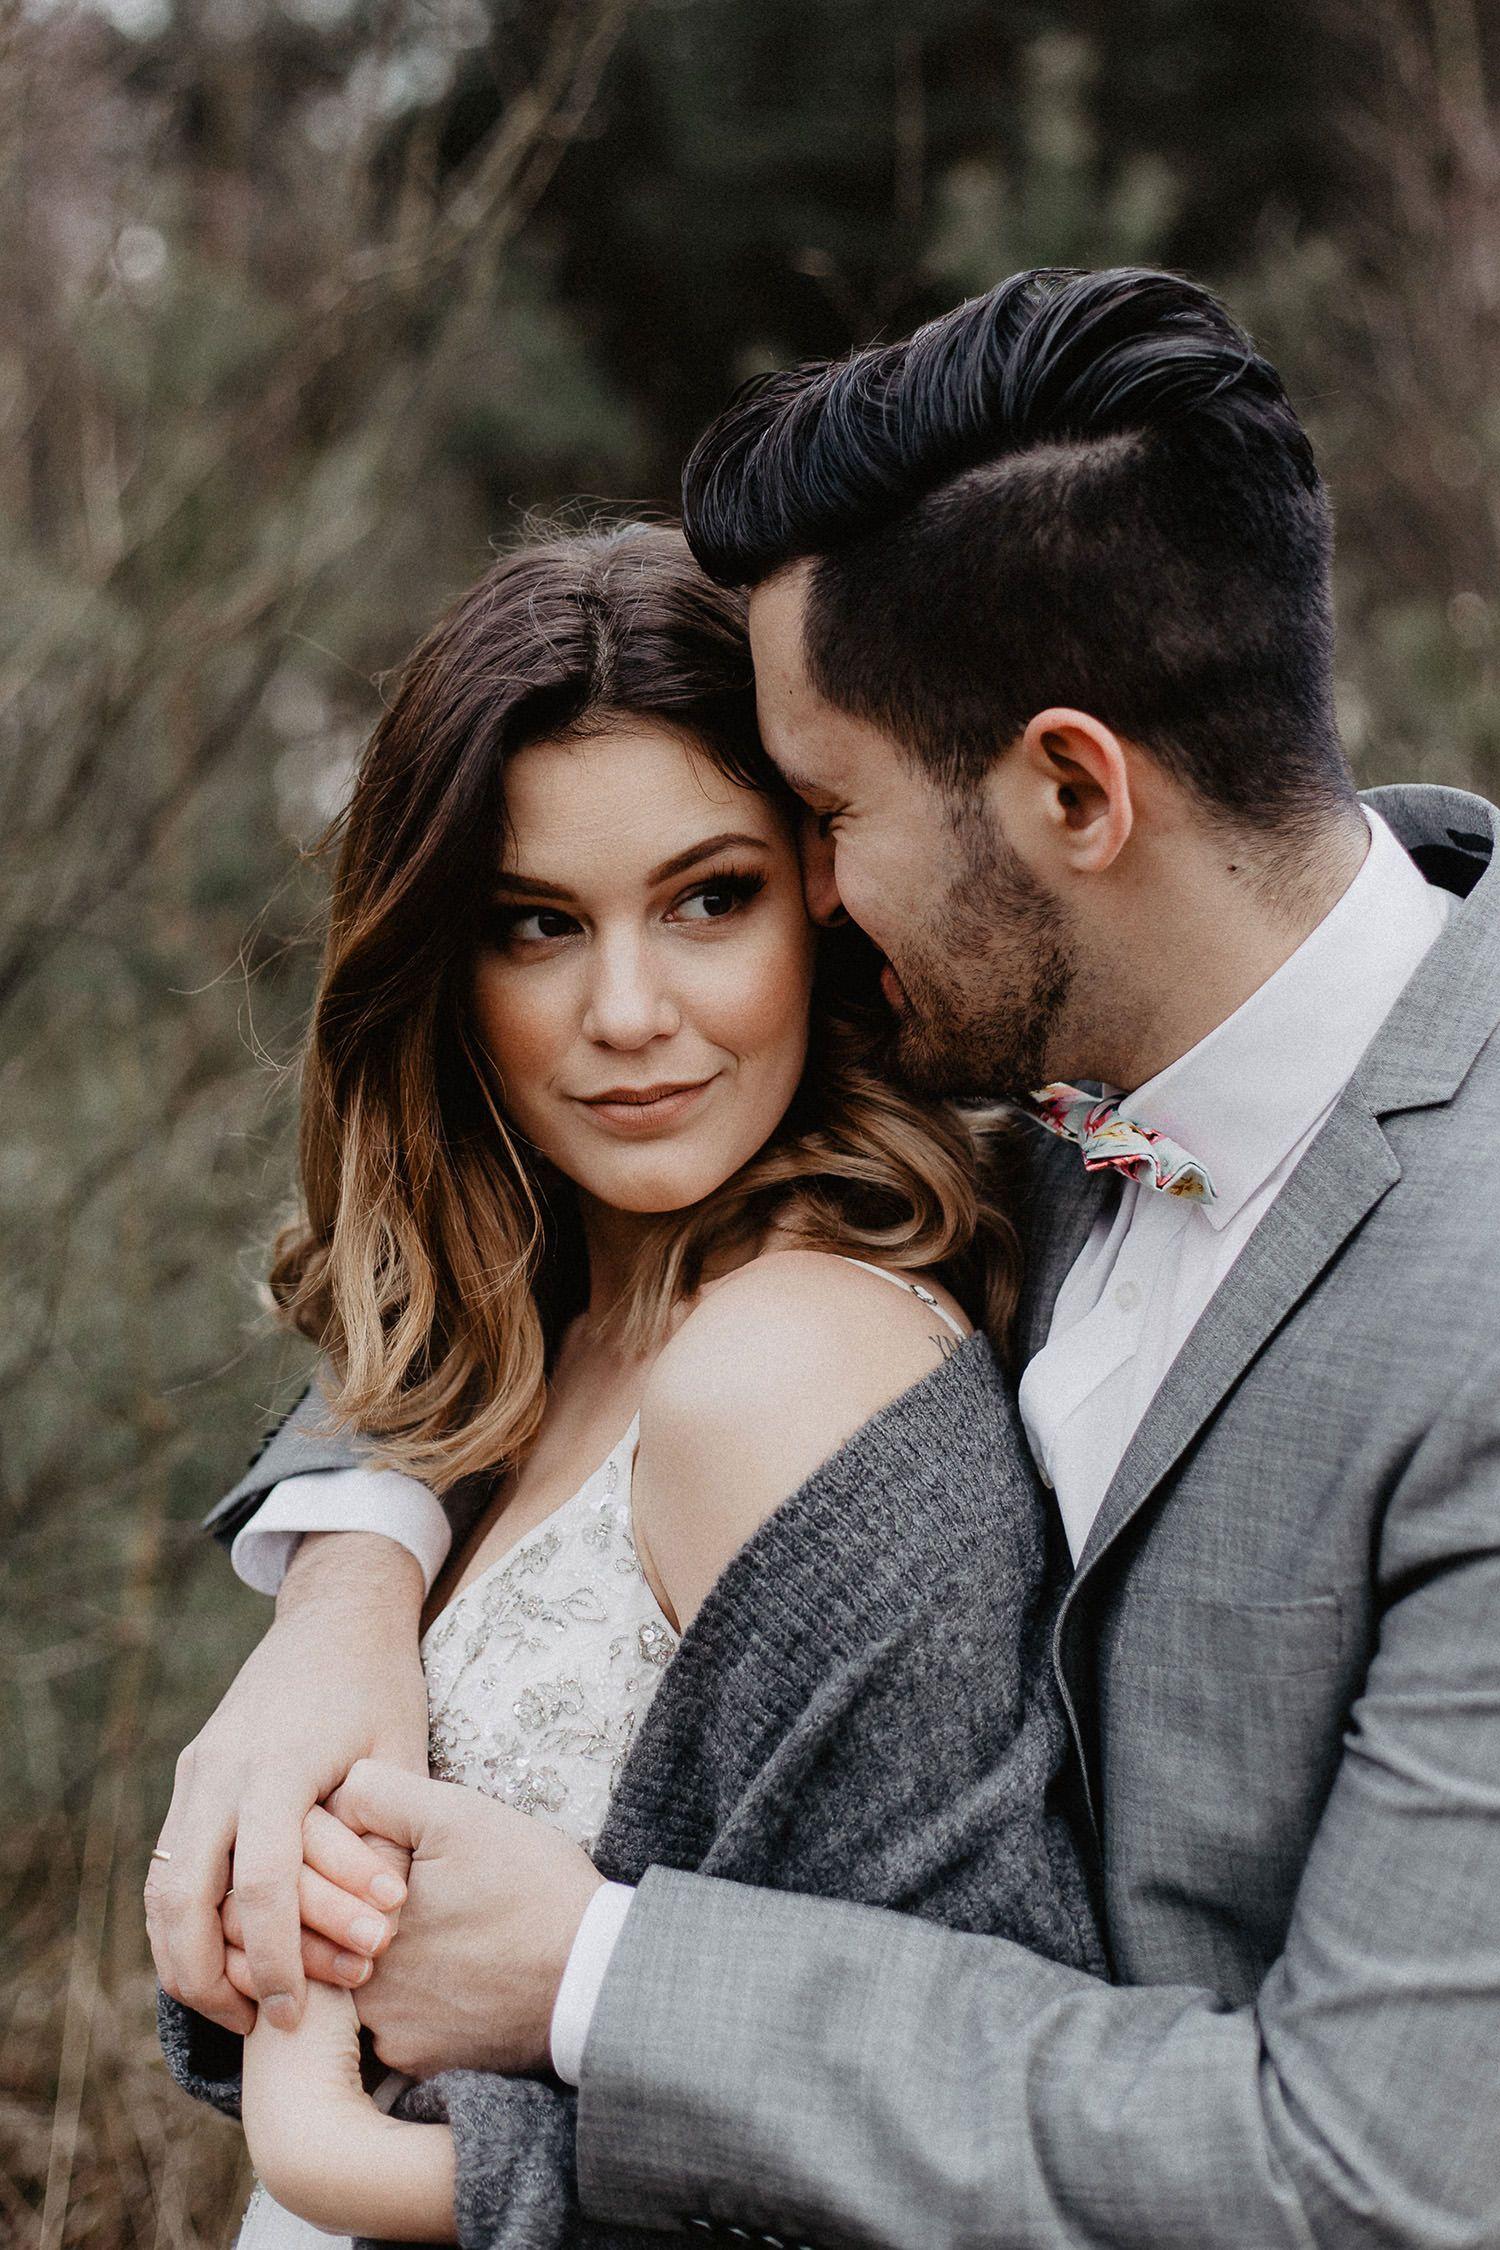 Magnolia Rouge New Zealand Wedding Photographer Wedding Photography Styles Vintage Wedding Photography Fun Wedding Photography